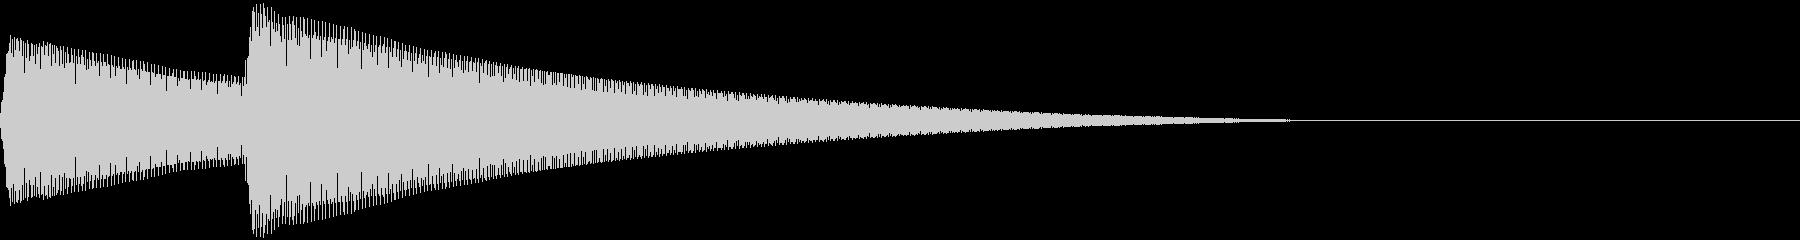 Parody スマホ音声アシスト 起動音の未再生の波形